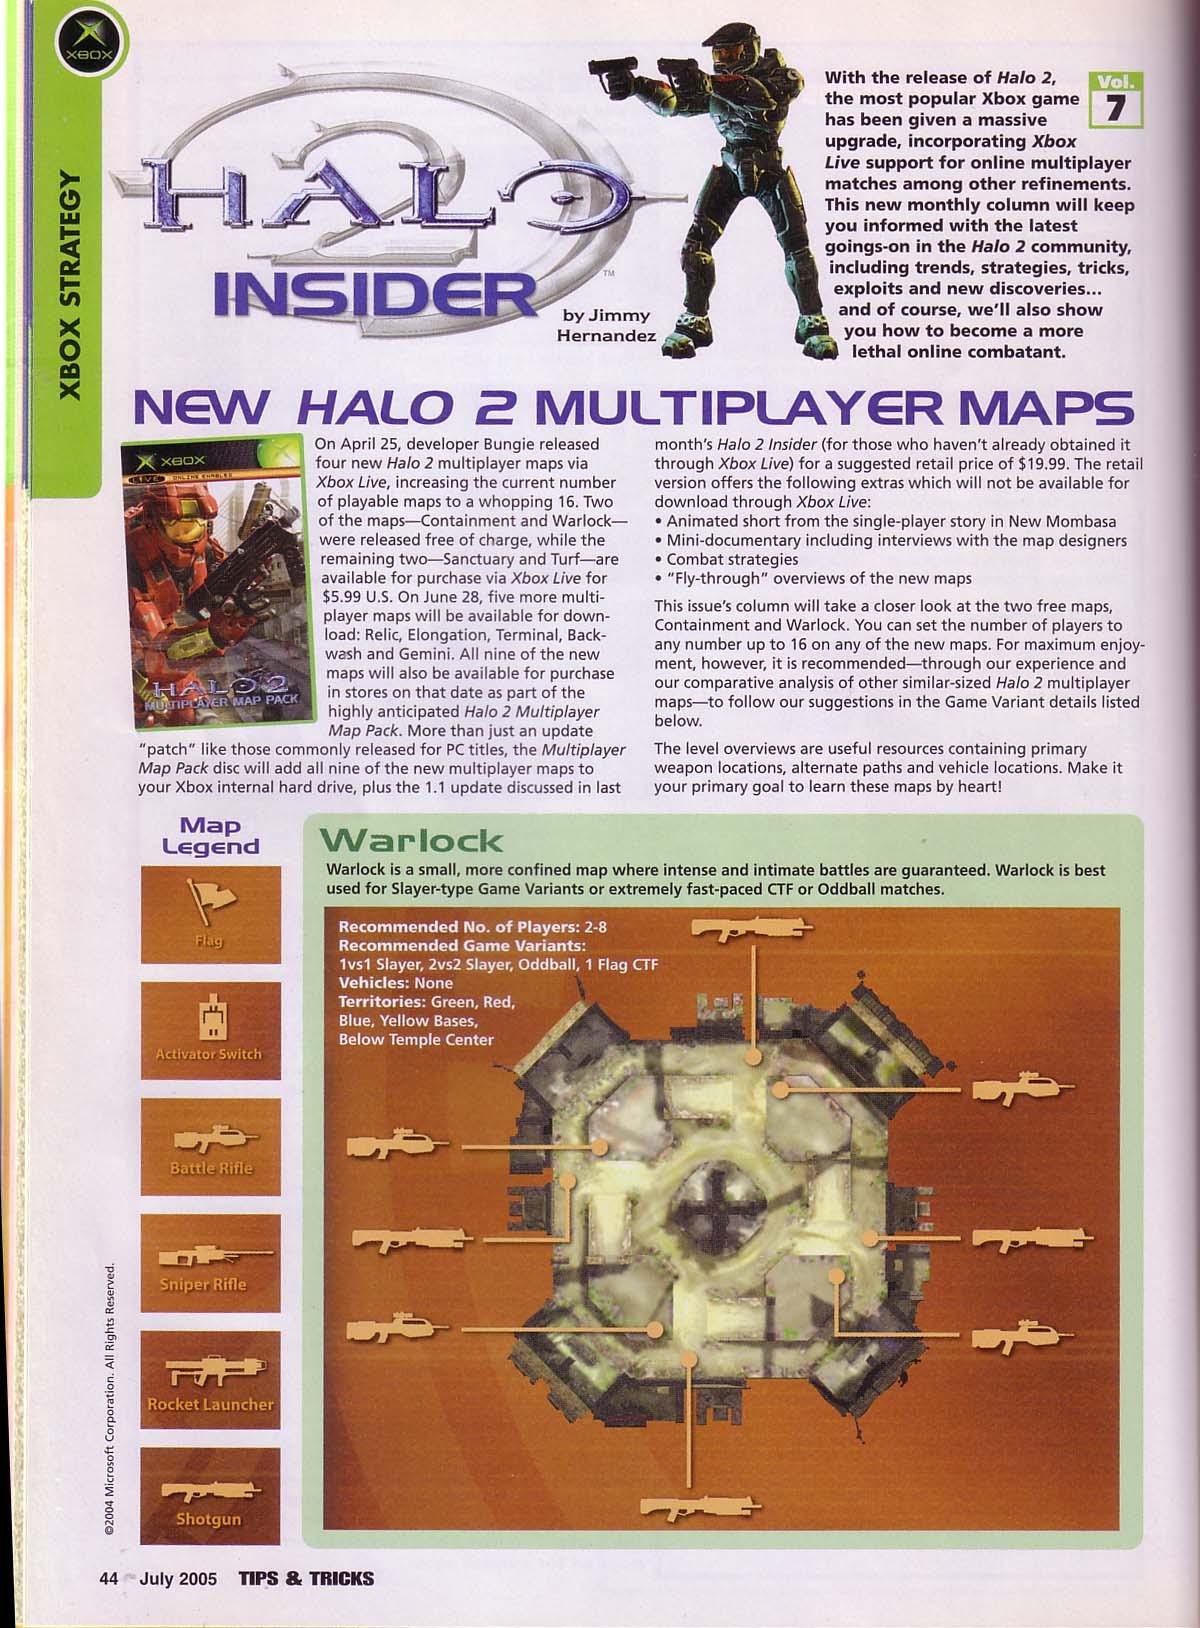 TipsandTricks_July_2005_Halo_pg1_Strategy.jpg